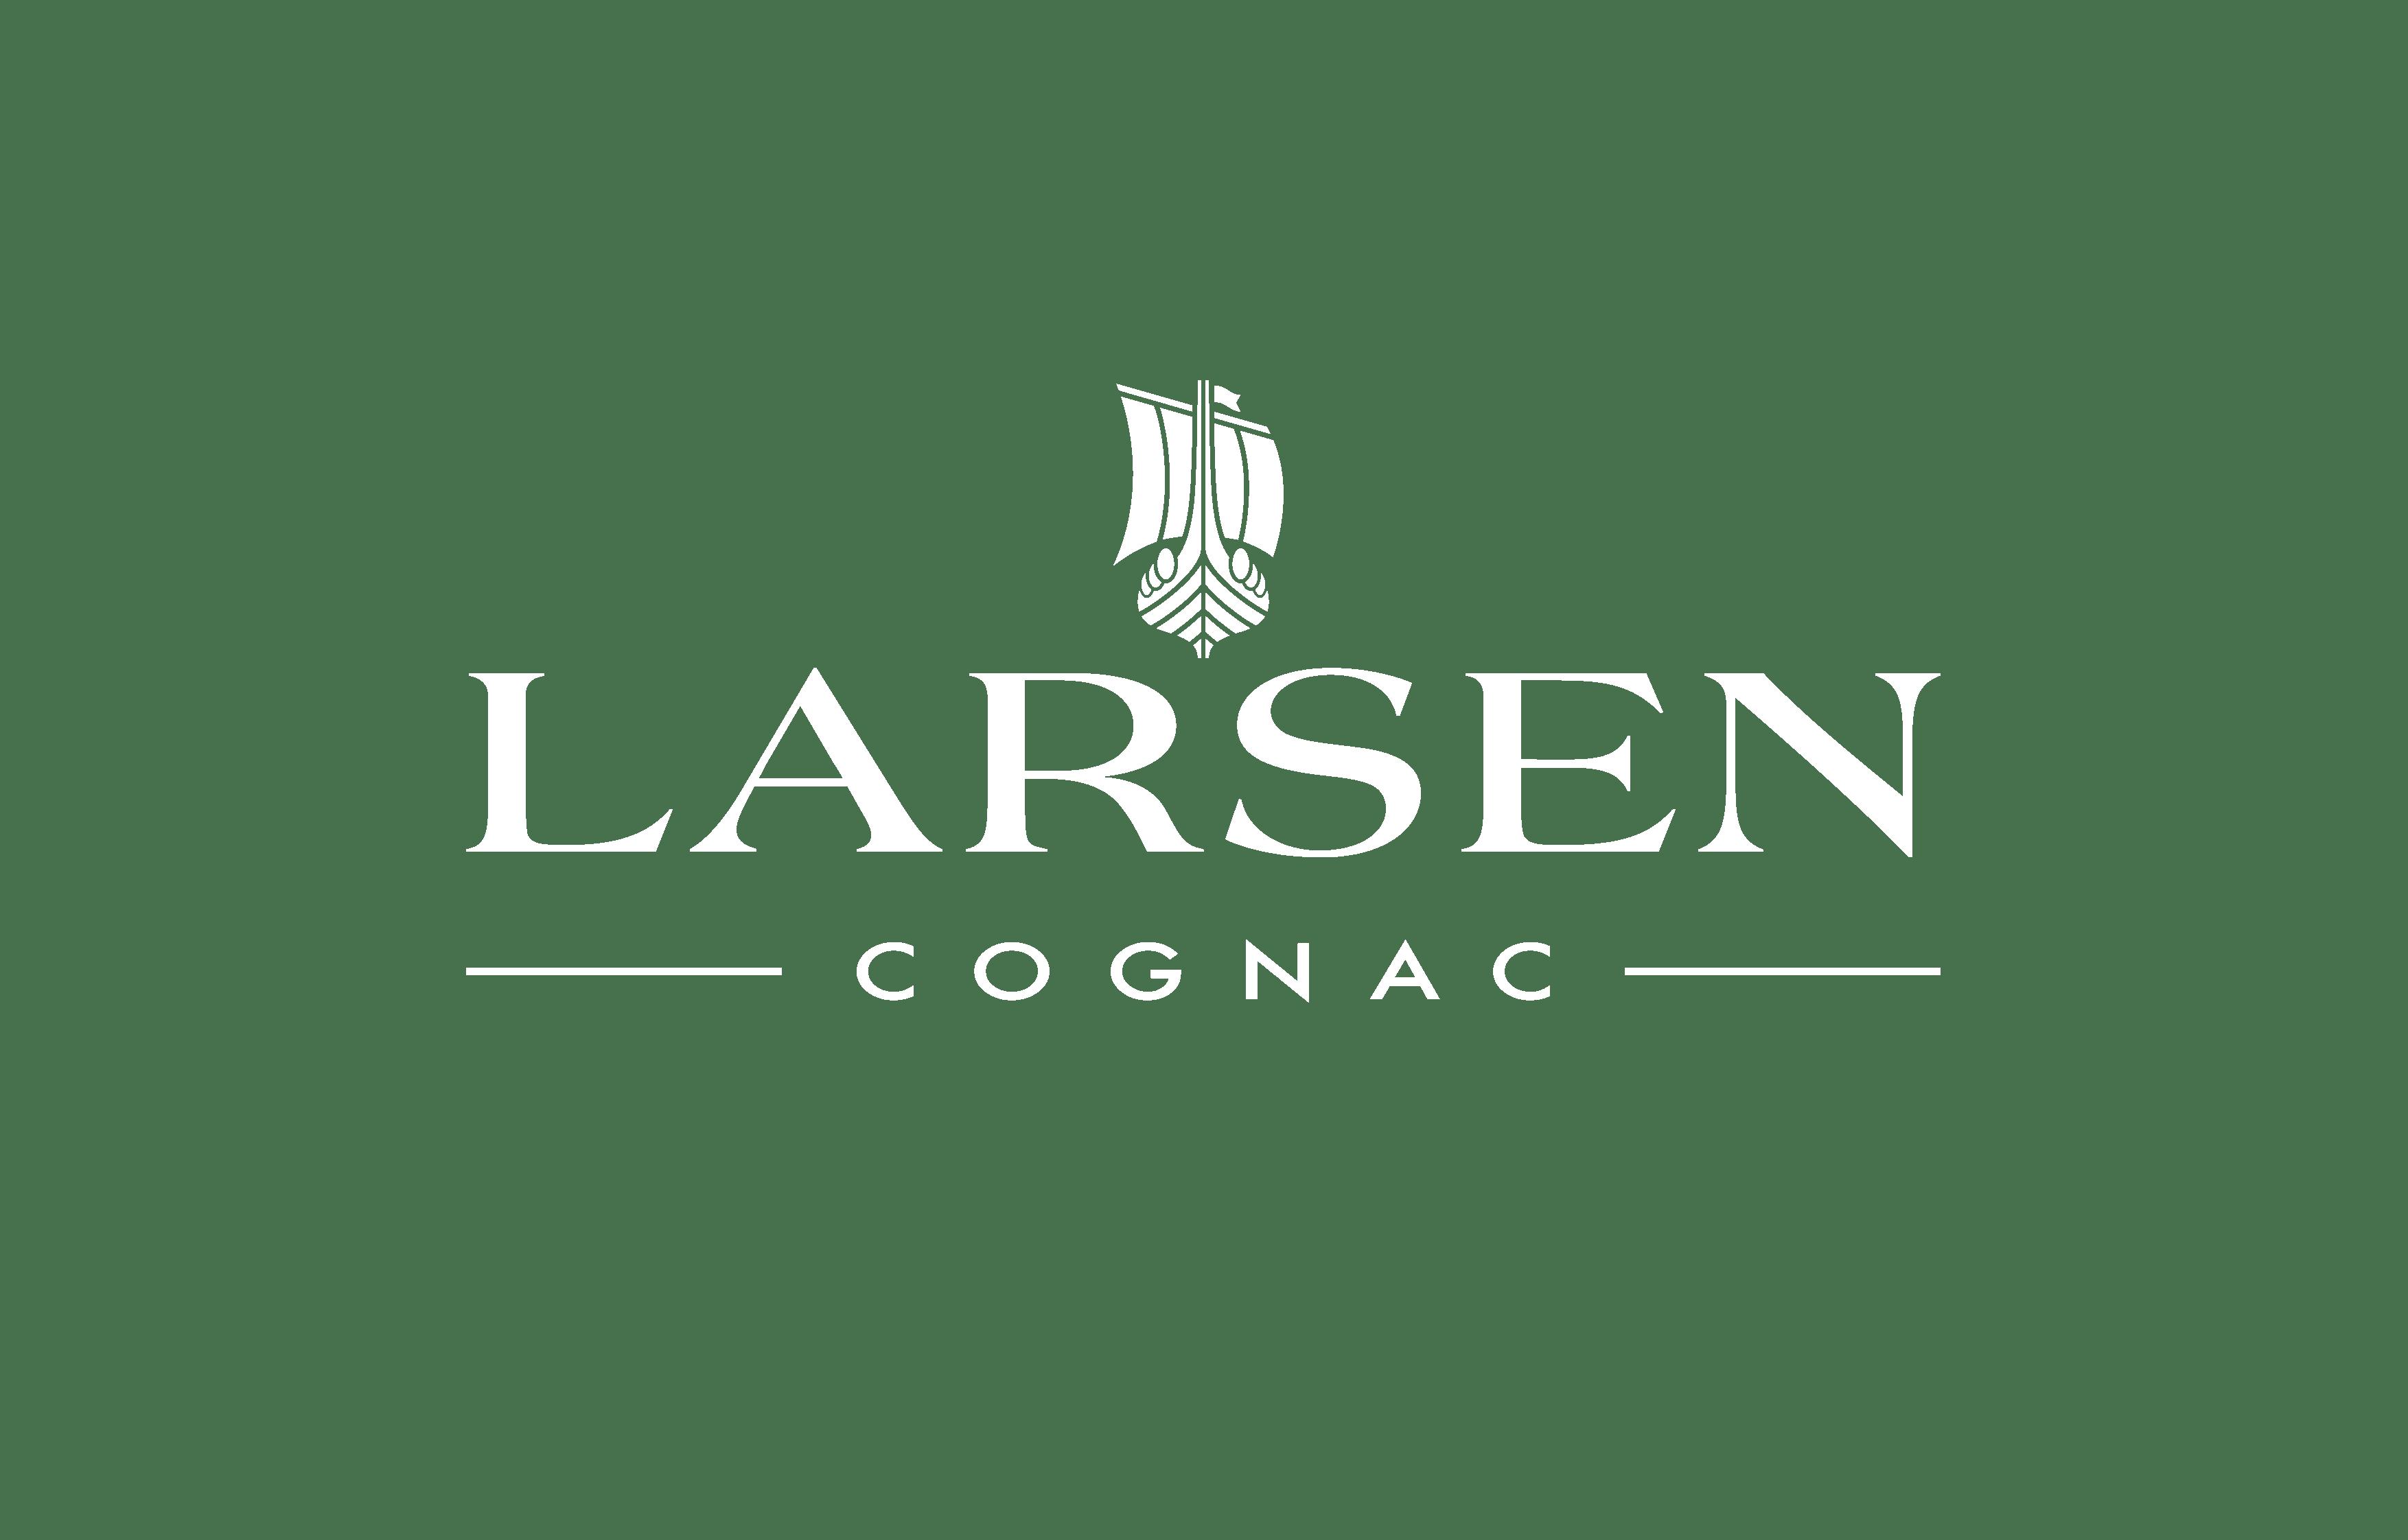 Larsen weiss logo